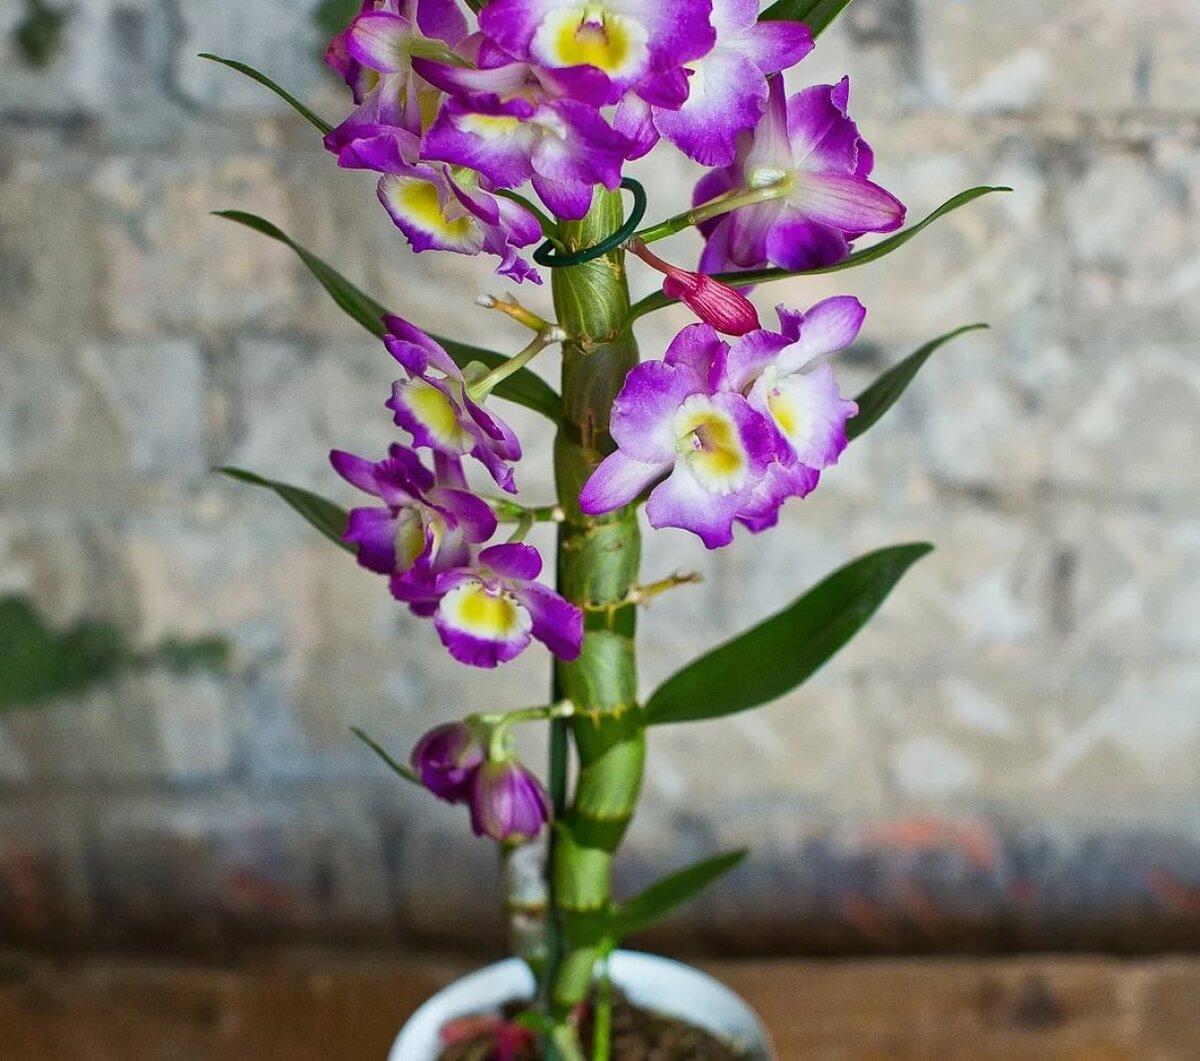 сегодняшний виды орхидей фото и названия данной статье